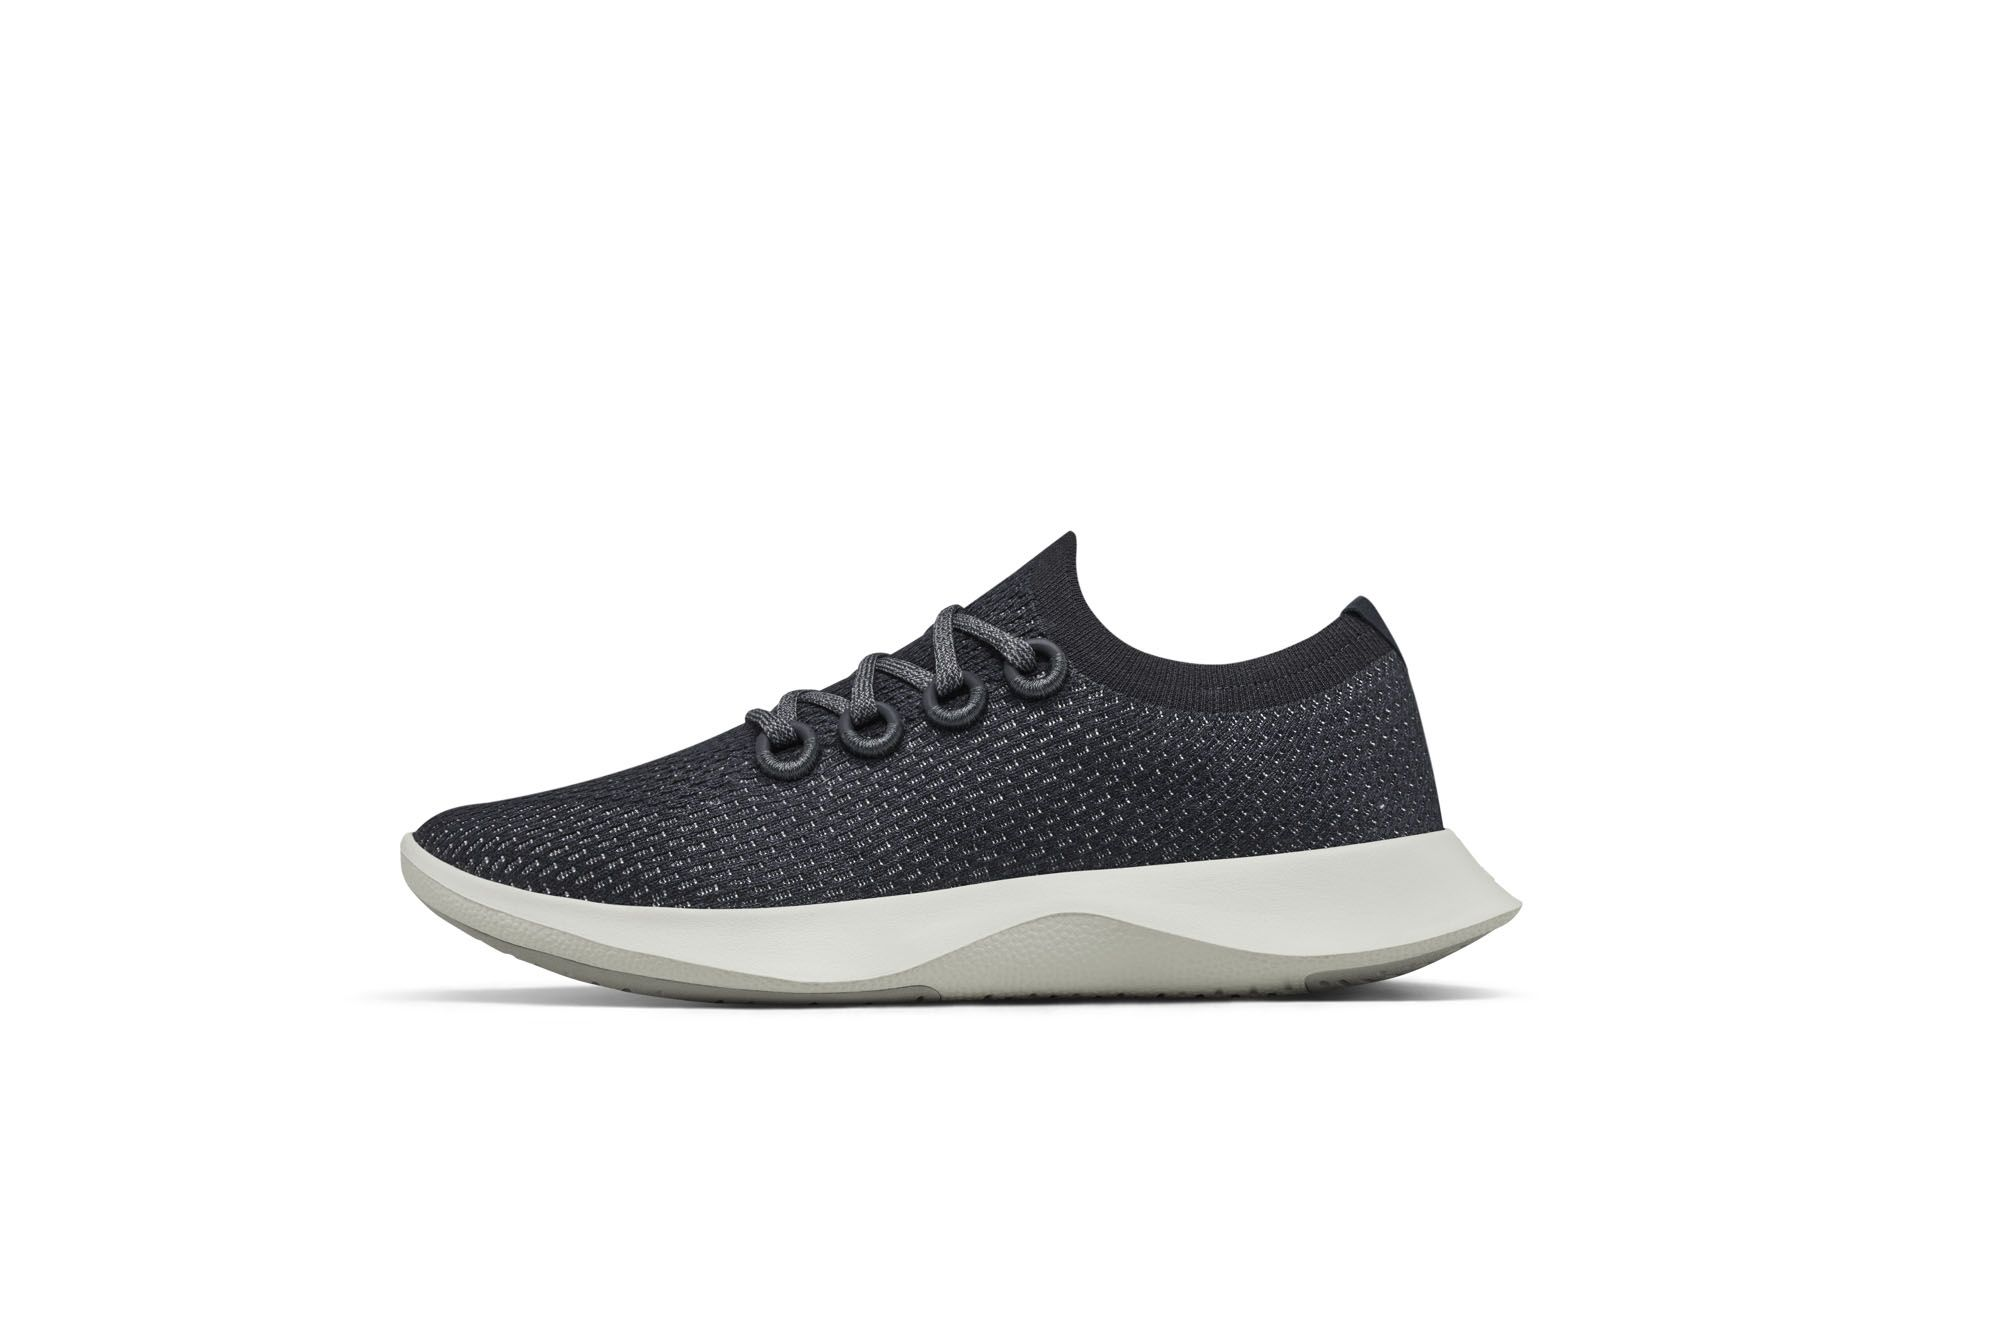 Sustainable footwear brand Allbirds